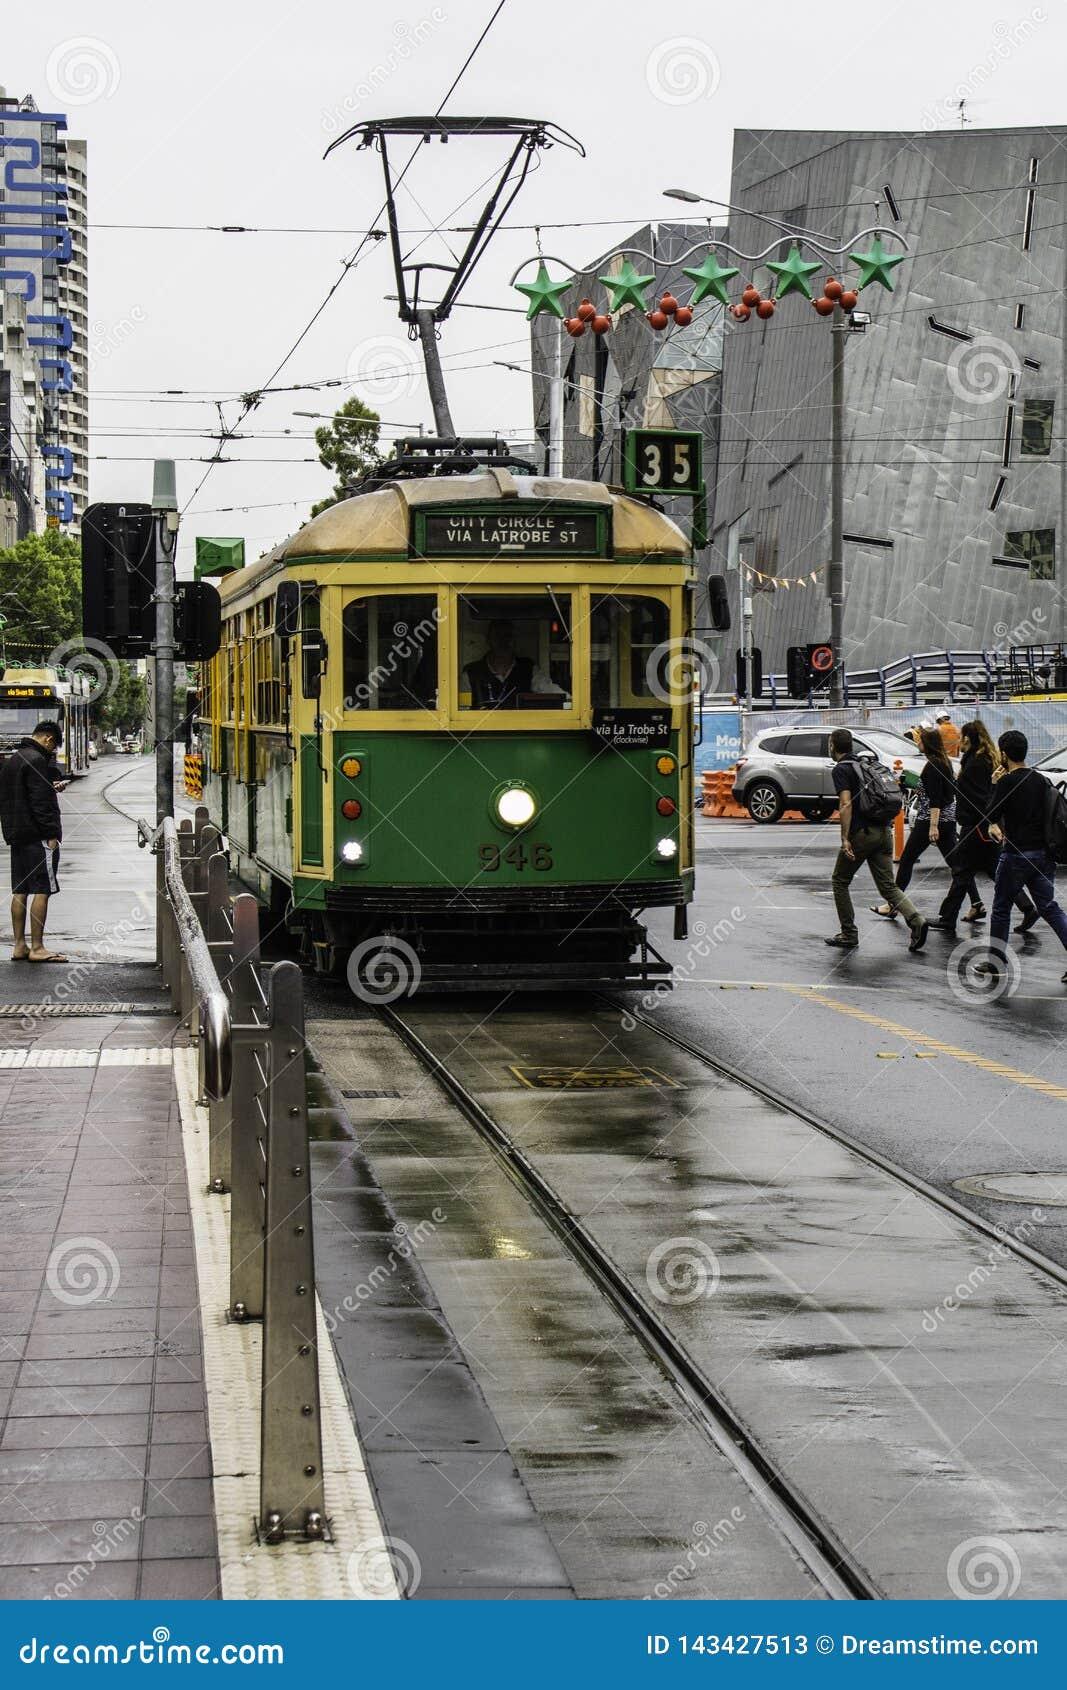 Toeristentram 35 in Melbourne in Australi?